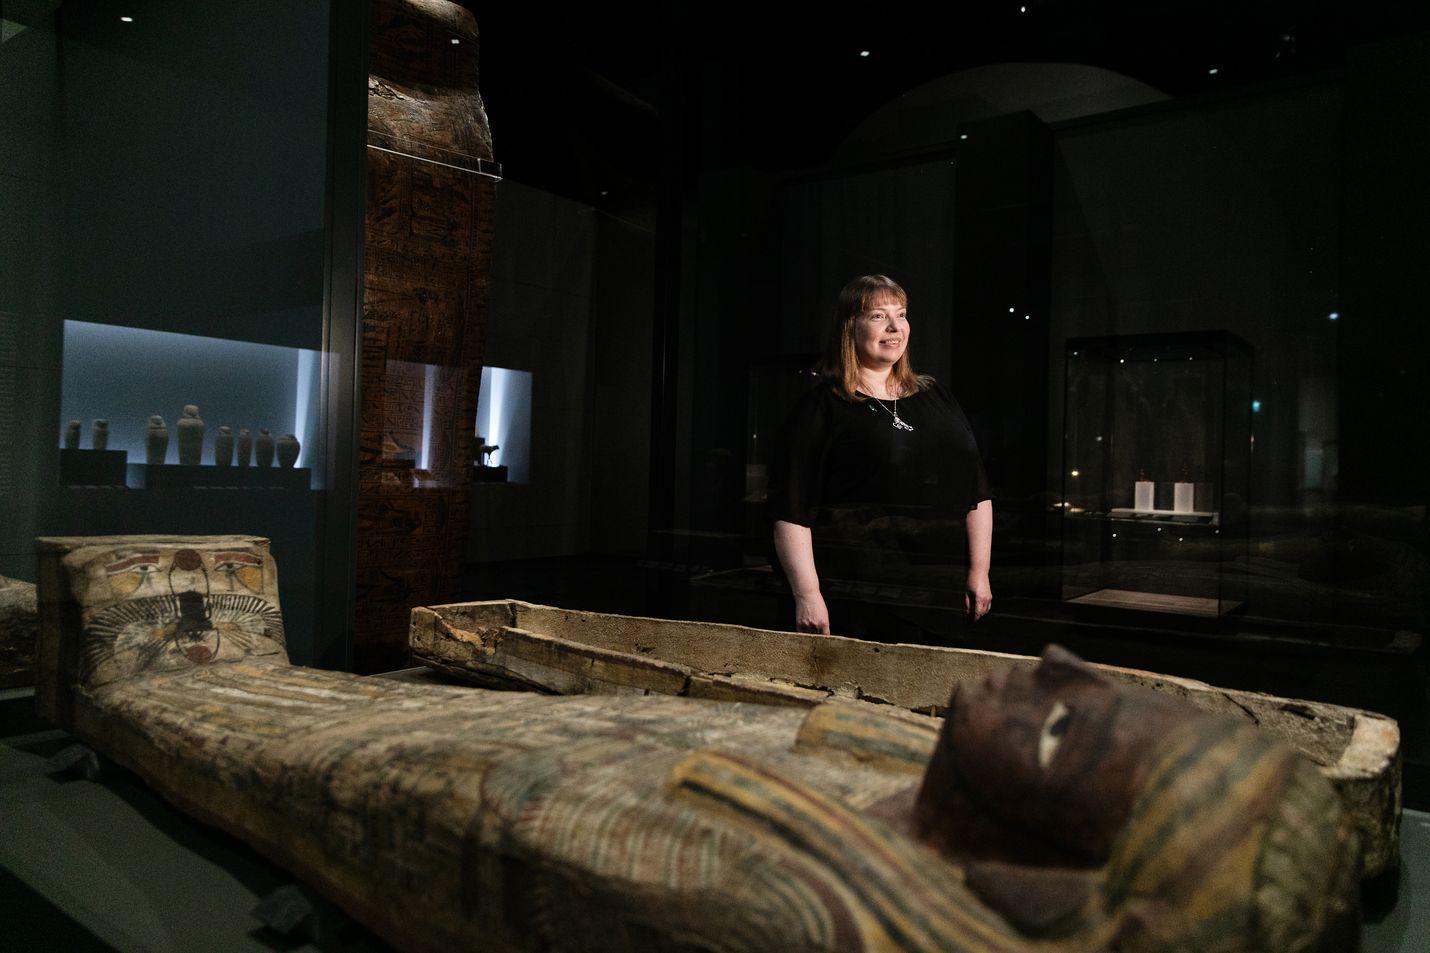 Mia Meri seisoo muinaisen egyptiläisen Nesimendjemin ihmisen muotoisen arkun vieressä. Arkun sisäpohjassa on Taivaan jumalan Nutin kuva. Arkku on Nutin kohtu, josta vainaja herää joka aamu auringon tapaan uudelleen henkiin.